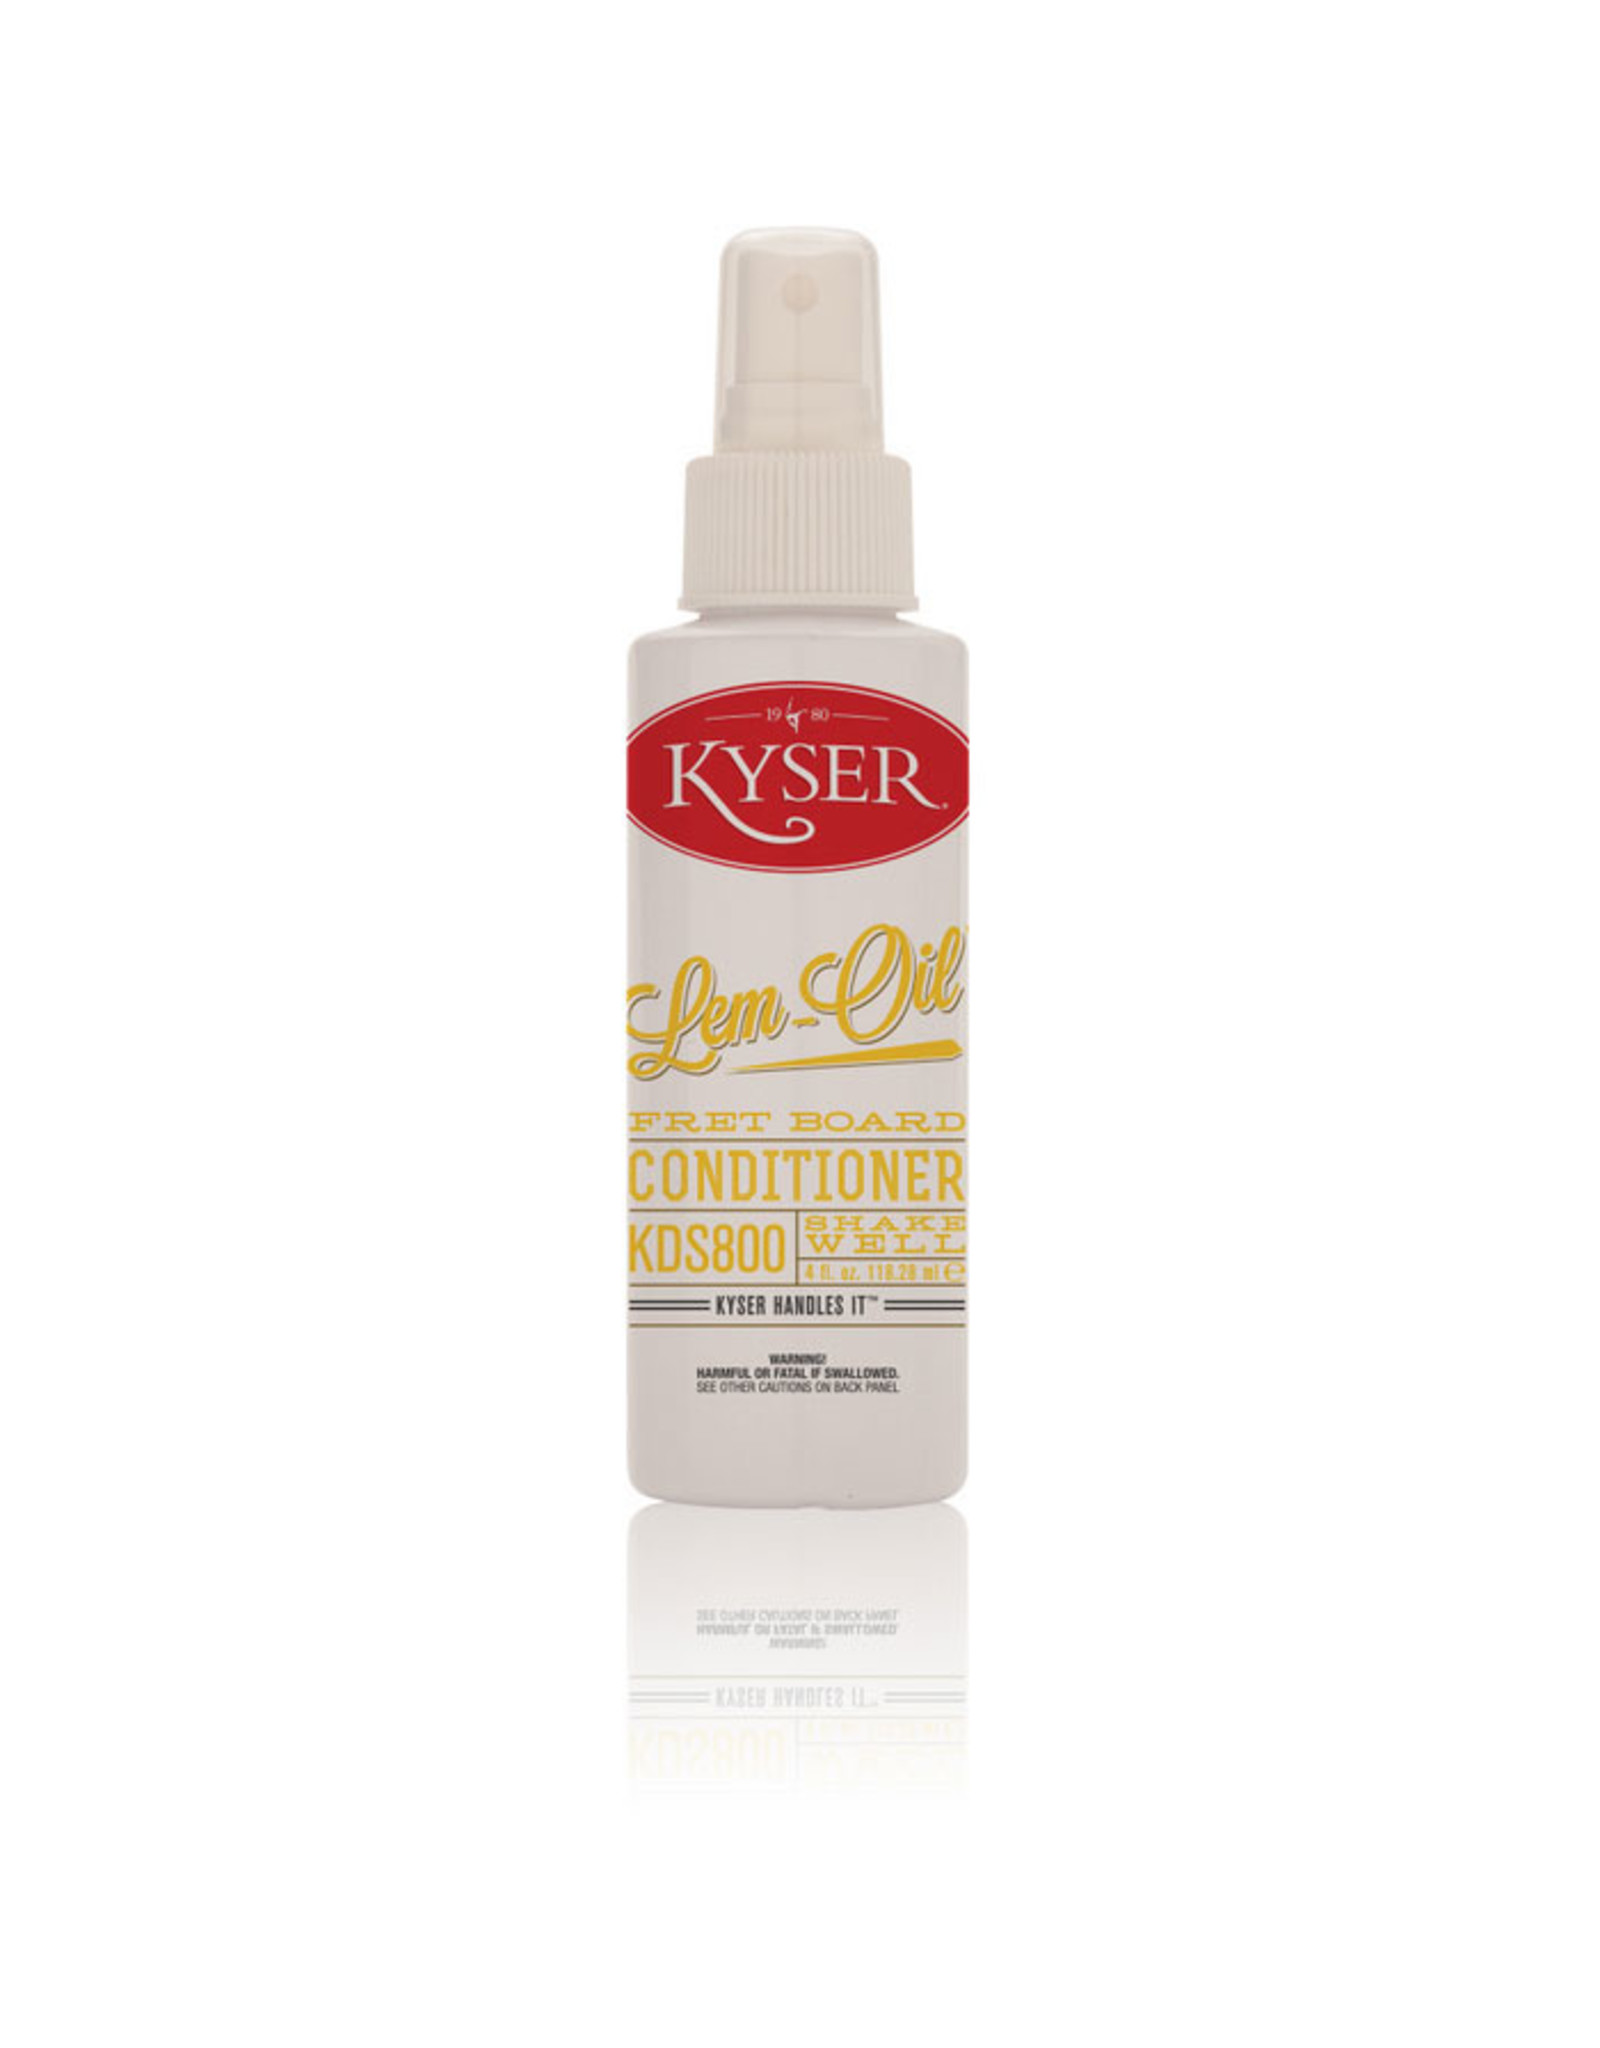 Kyser Lem-Oil